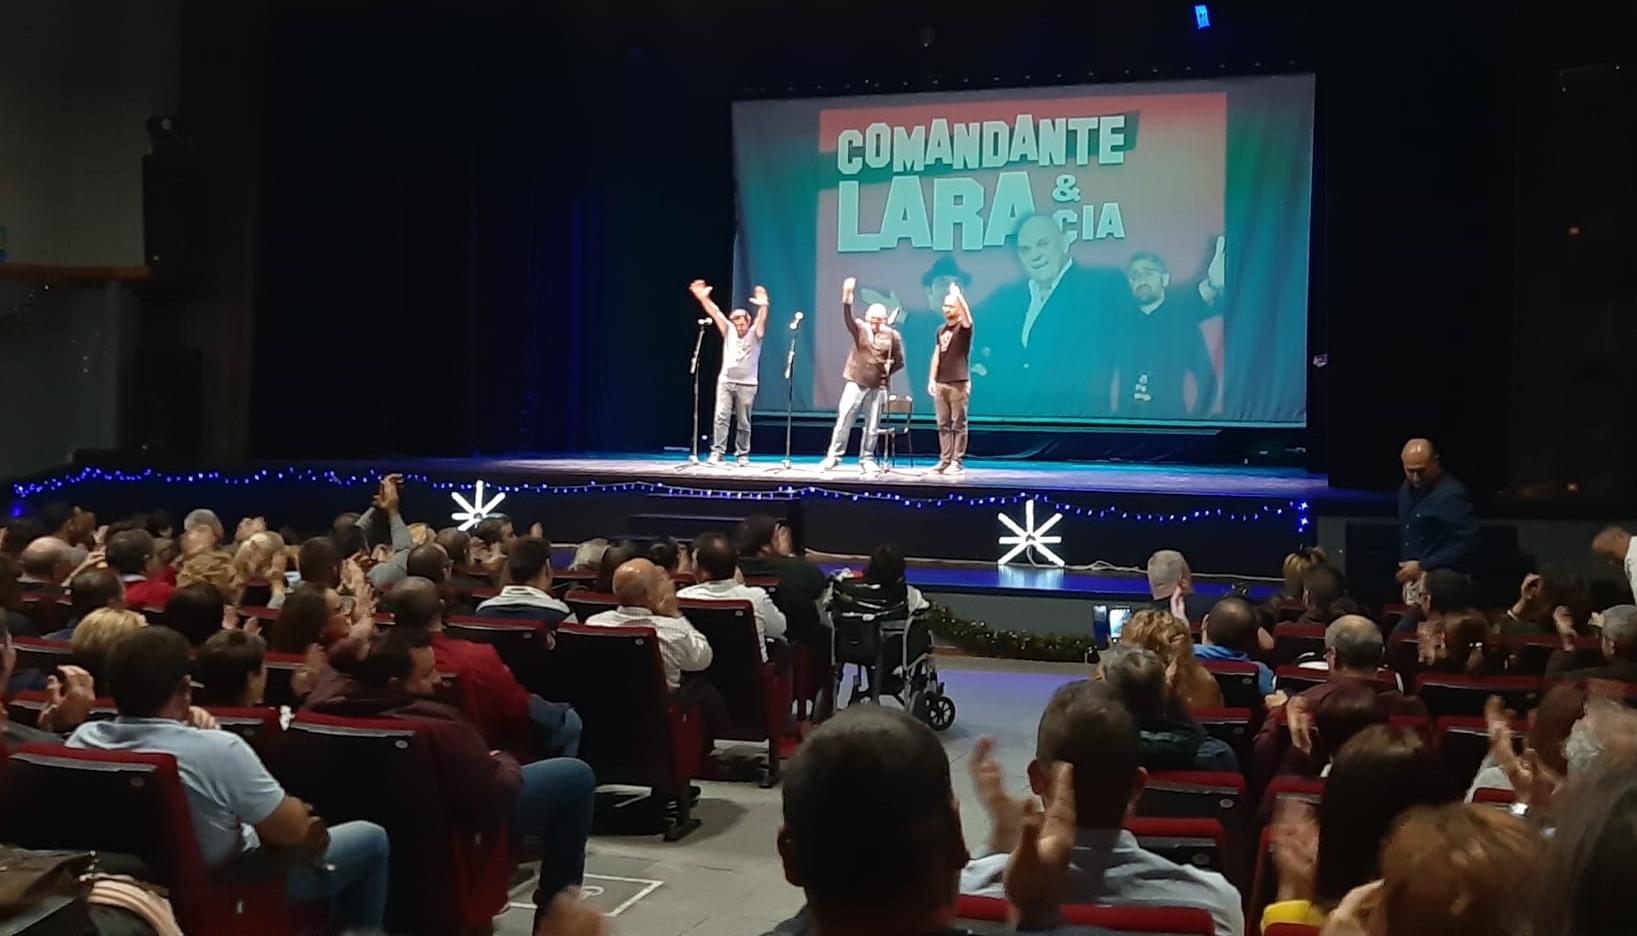 Photo of 'Comandante Lara & Cía' llena el Centro Cultural y sorprende al público abderitano con su humor gaditano